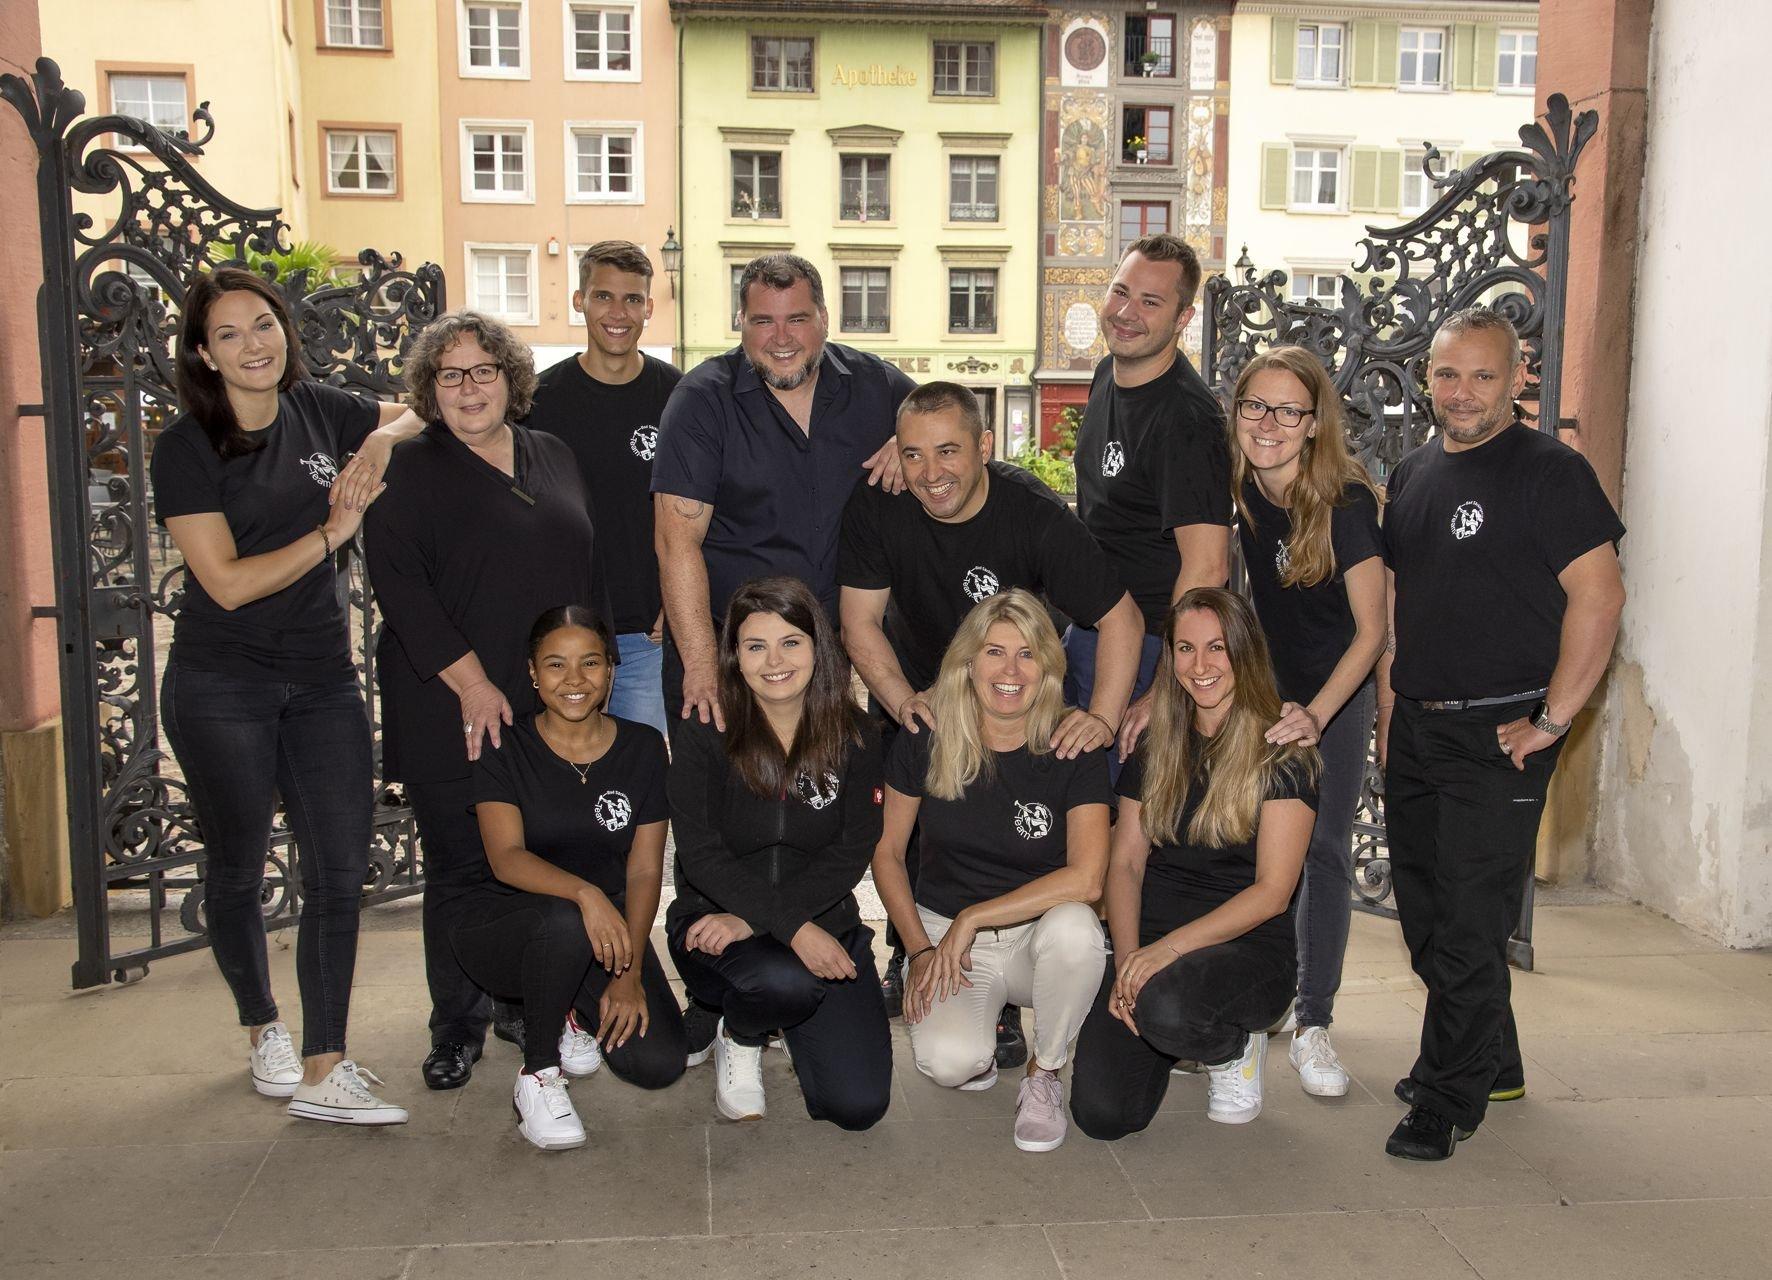 Das 7-köpfige Team vom Tourismus- & Kulturamt Bad Säckingen mit dem Rhein und der längsten gedeckten Holzbrücke Europas im Hintergrund